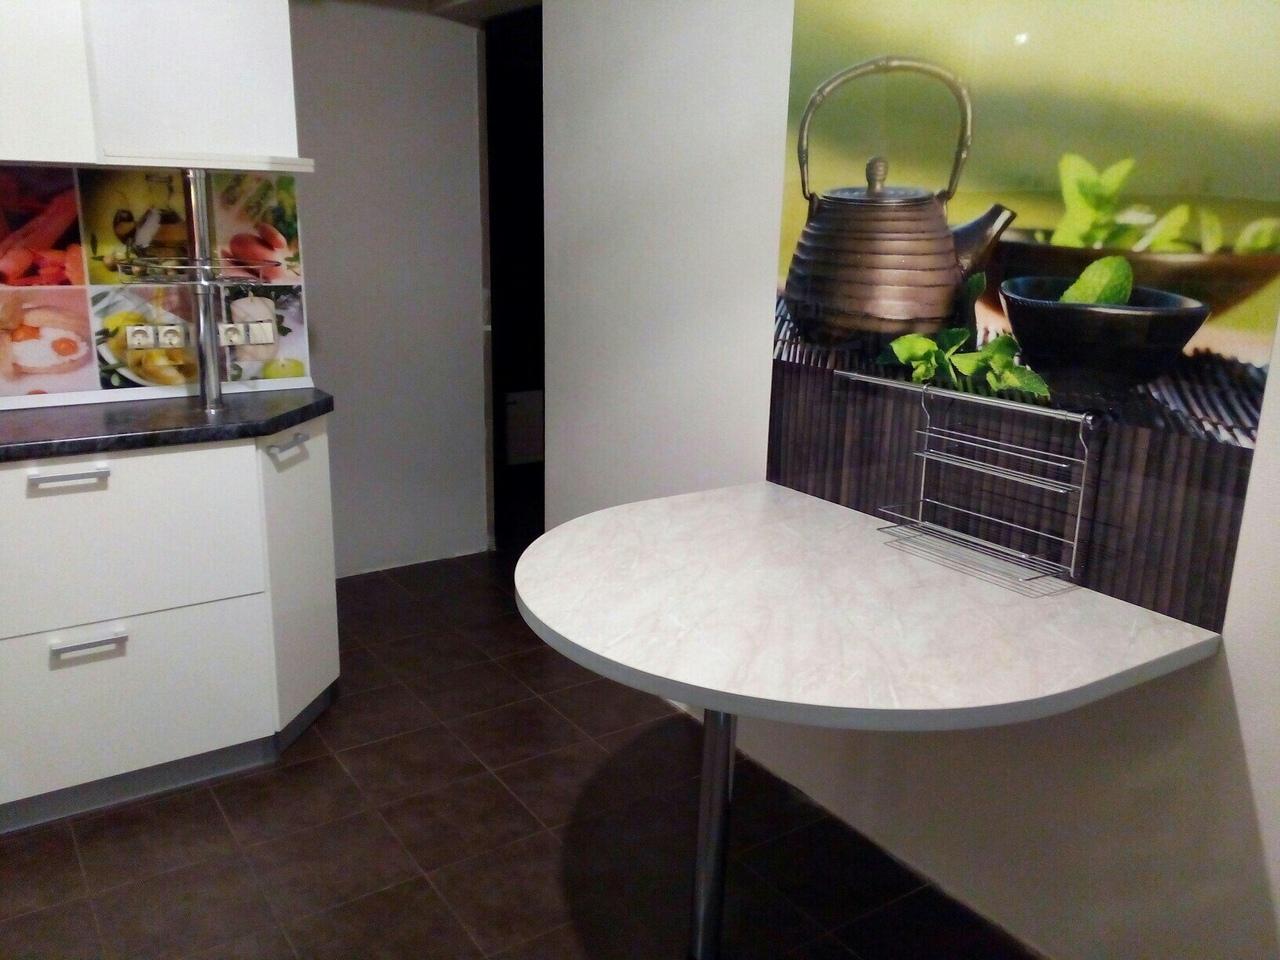 Моя любимая кухня. 7,5 кв. м.